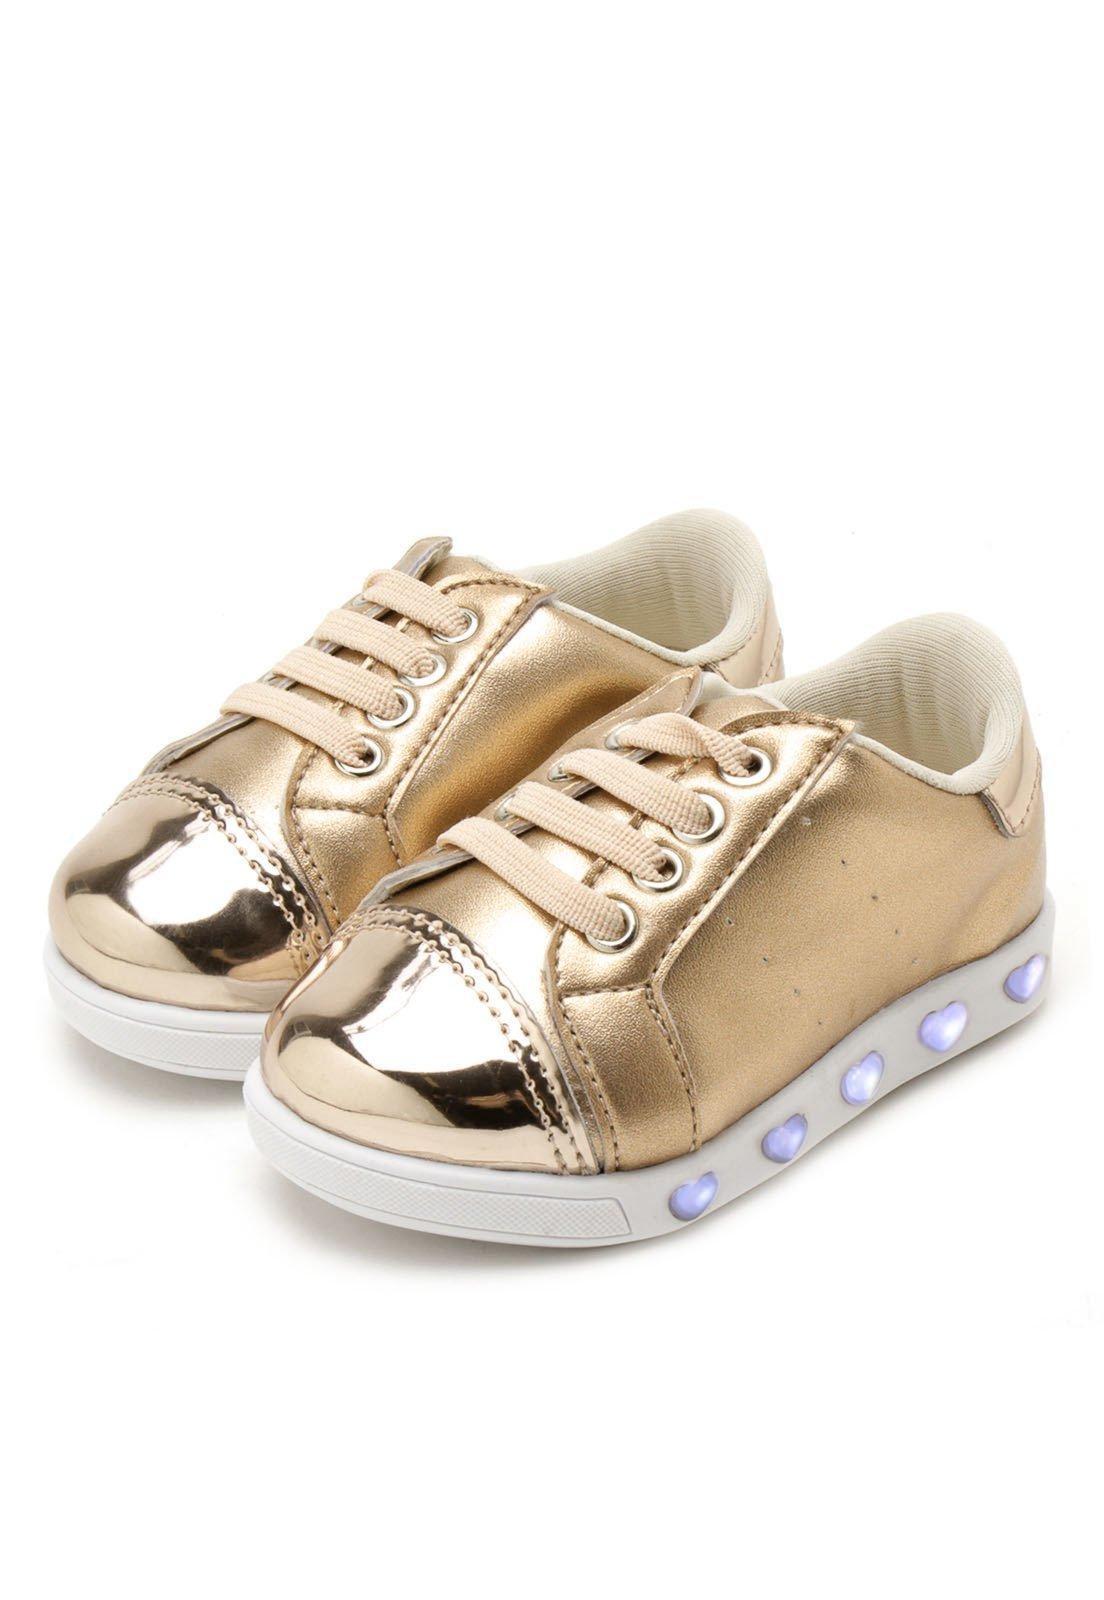 a816b3484 Tênis Casual Pampili Menina Sneaker Luz Dourado - Compre Agora ...